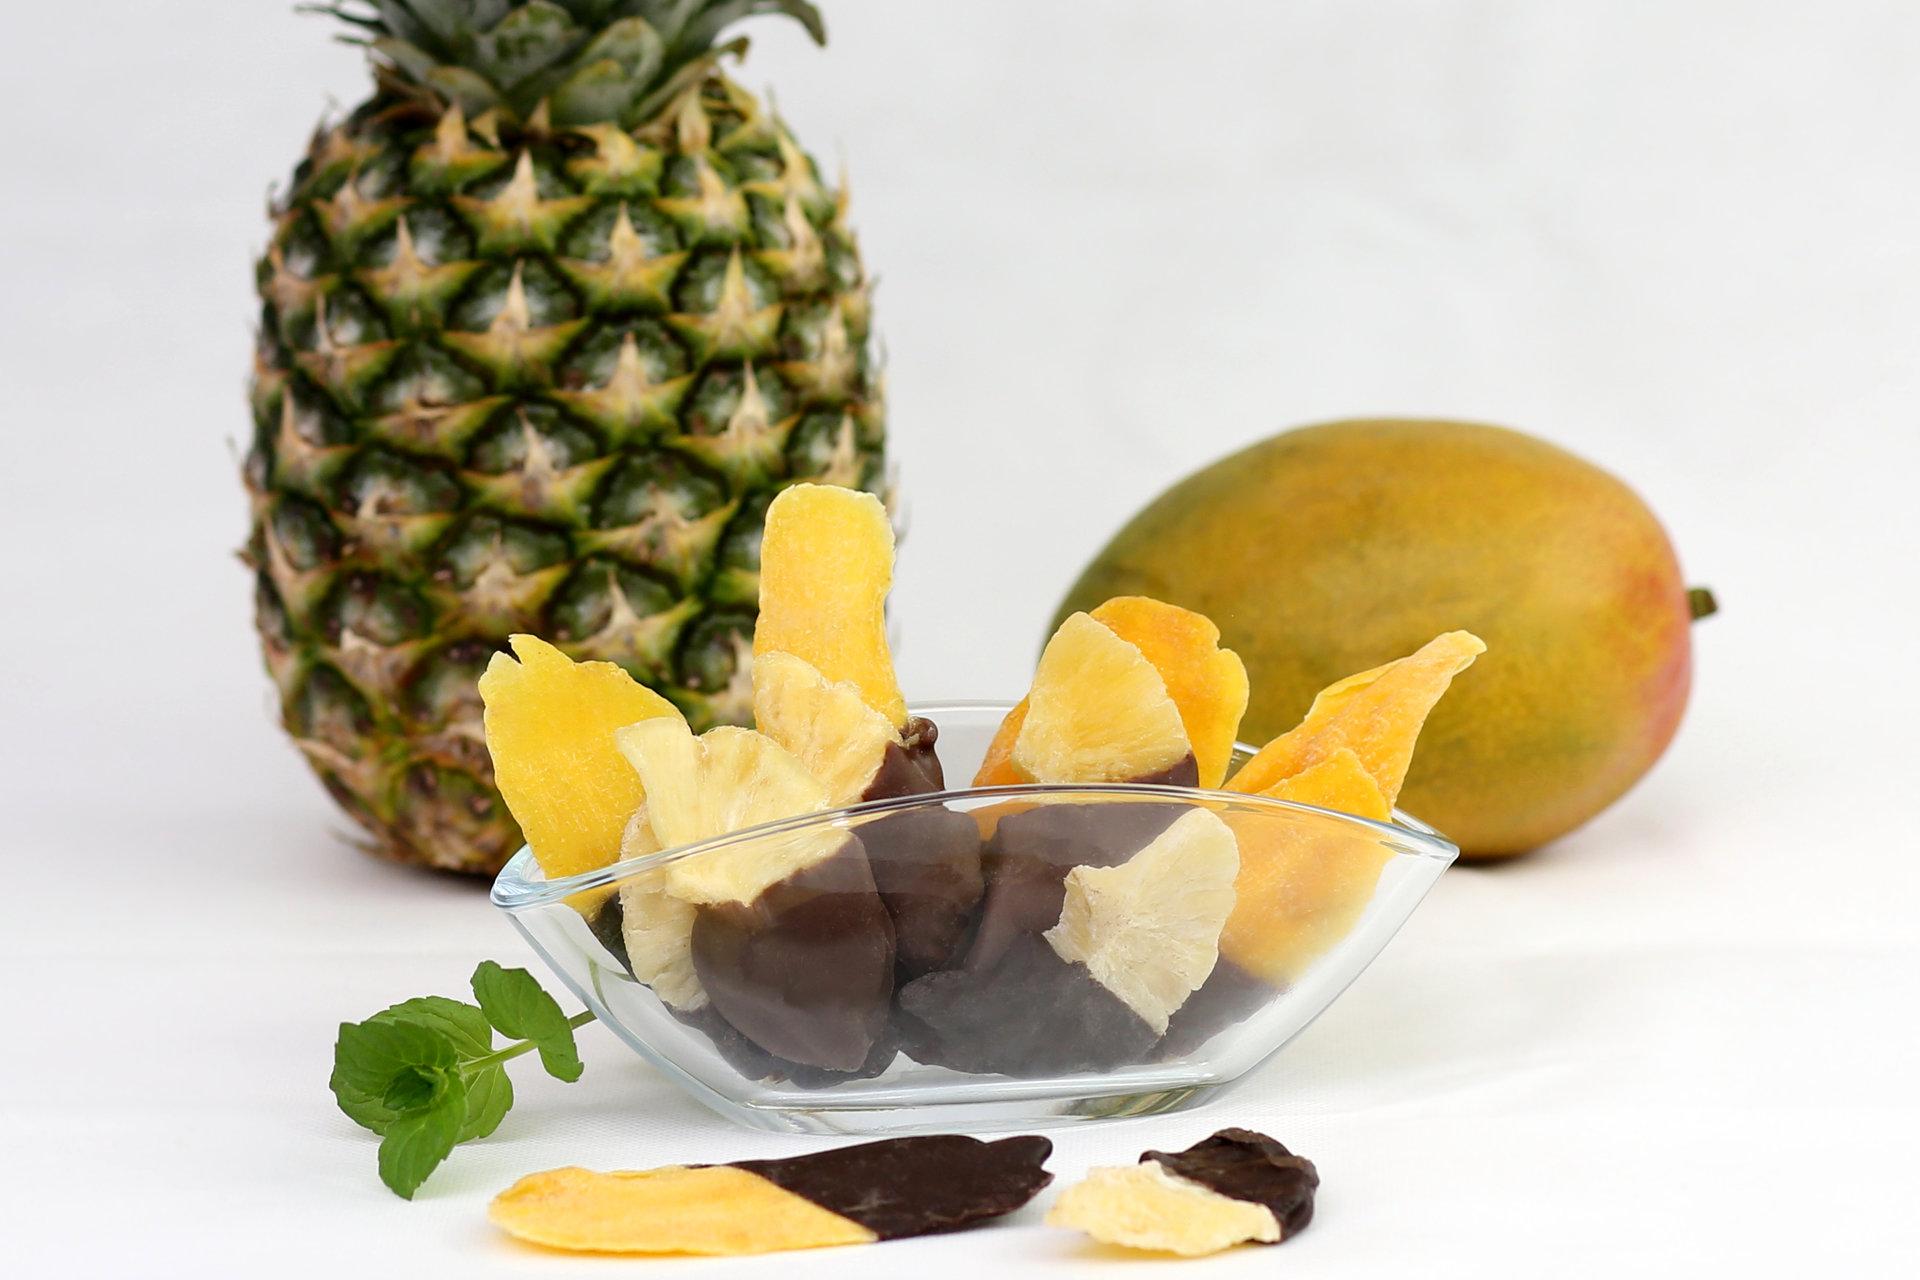 Halbschokolierte exotische Trockenfrüchte